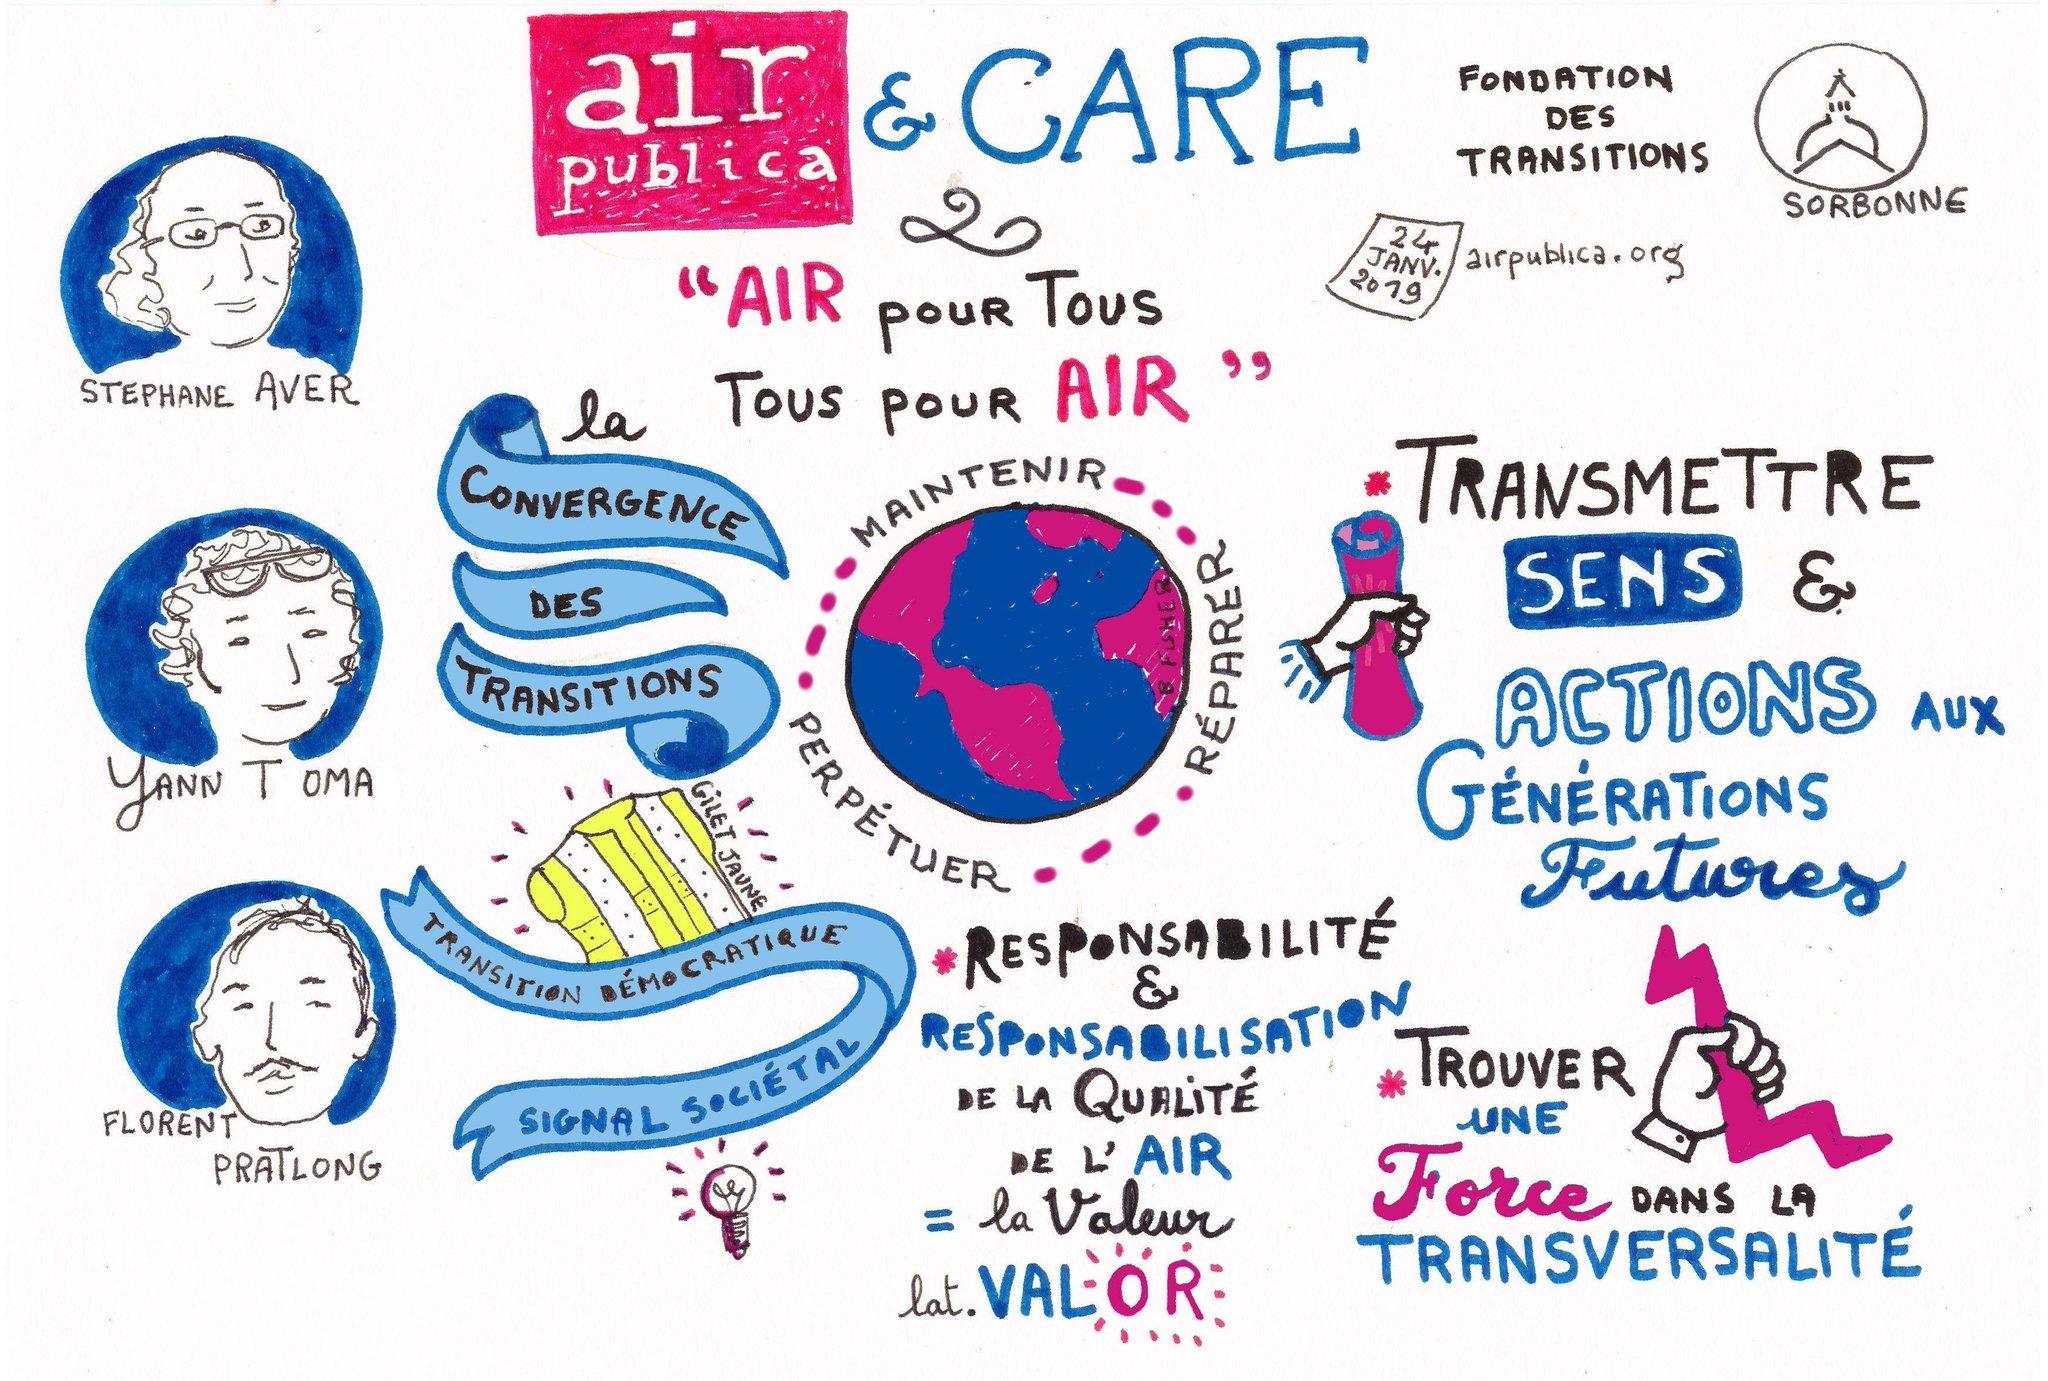 Sketchnote sur la conférence #Air #care à la Sorbonne. #DeveloppementDurable #sketchnotes @tomkerting @MartayanElsa @Aurelie_Solans @oliviagregoire @trefflenow @YannToma @sorbonneit @GillesBerhault   @Transitionneurs @GuapoAir @CAREfrance @lesrespirations https://t.co/tBc5qOWevT